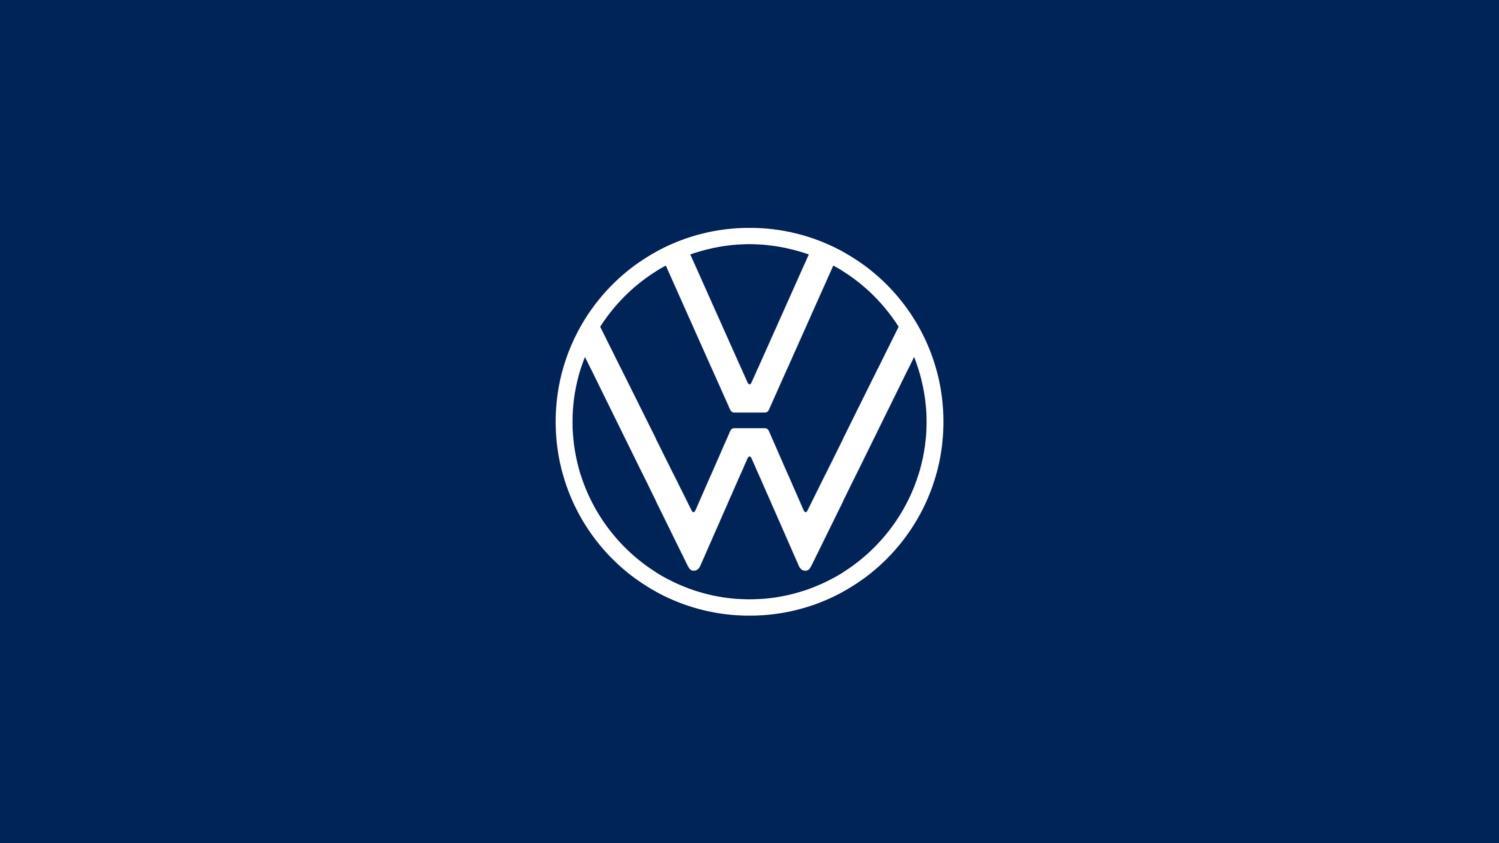 Volkswagen muestra su nueva imagen